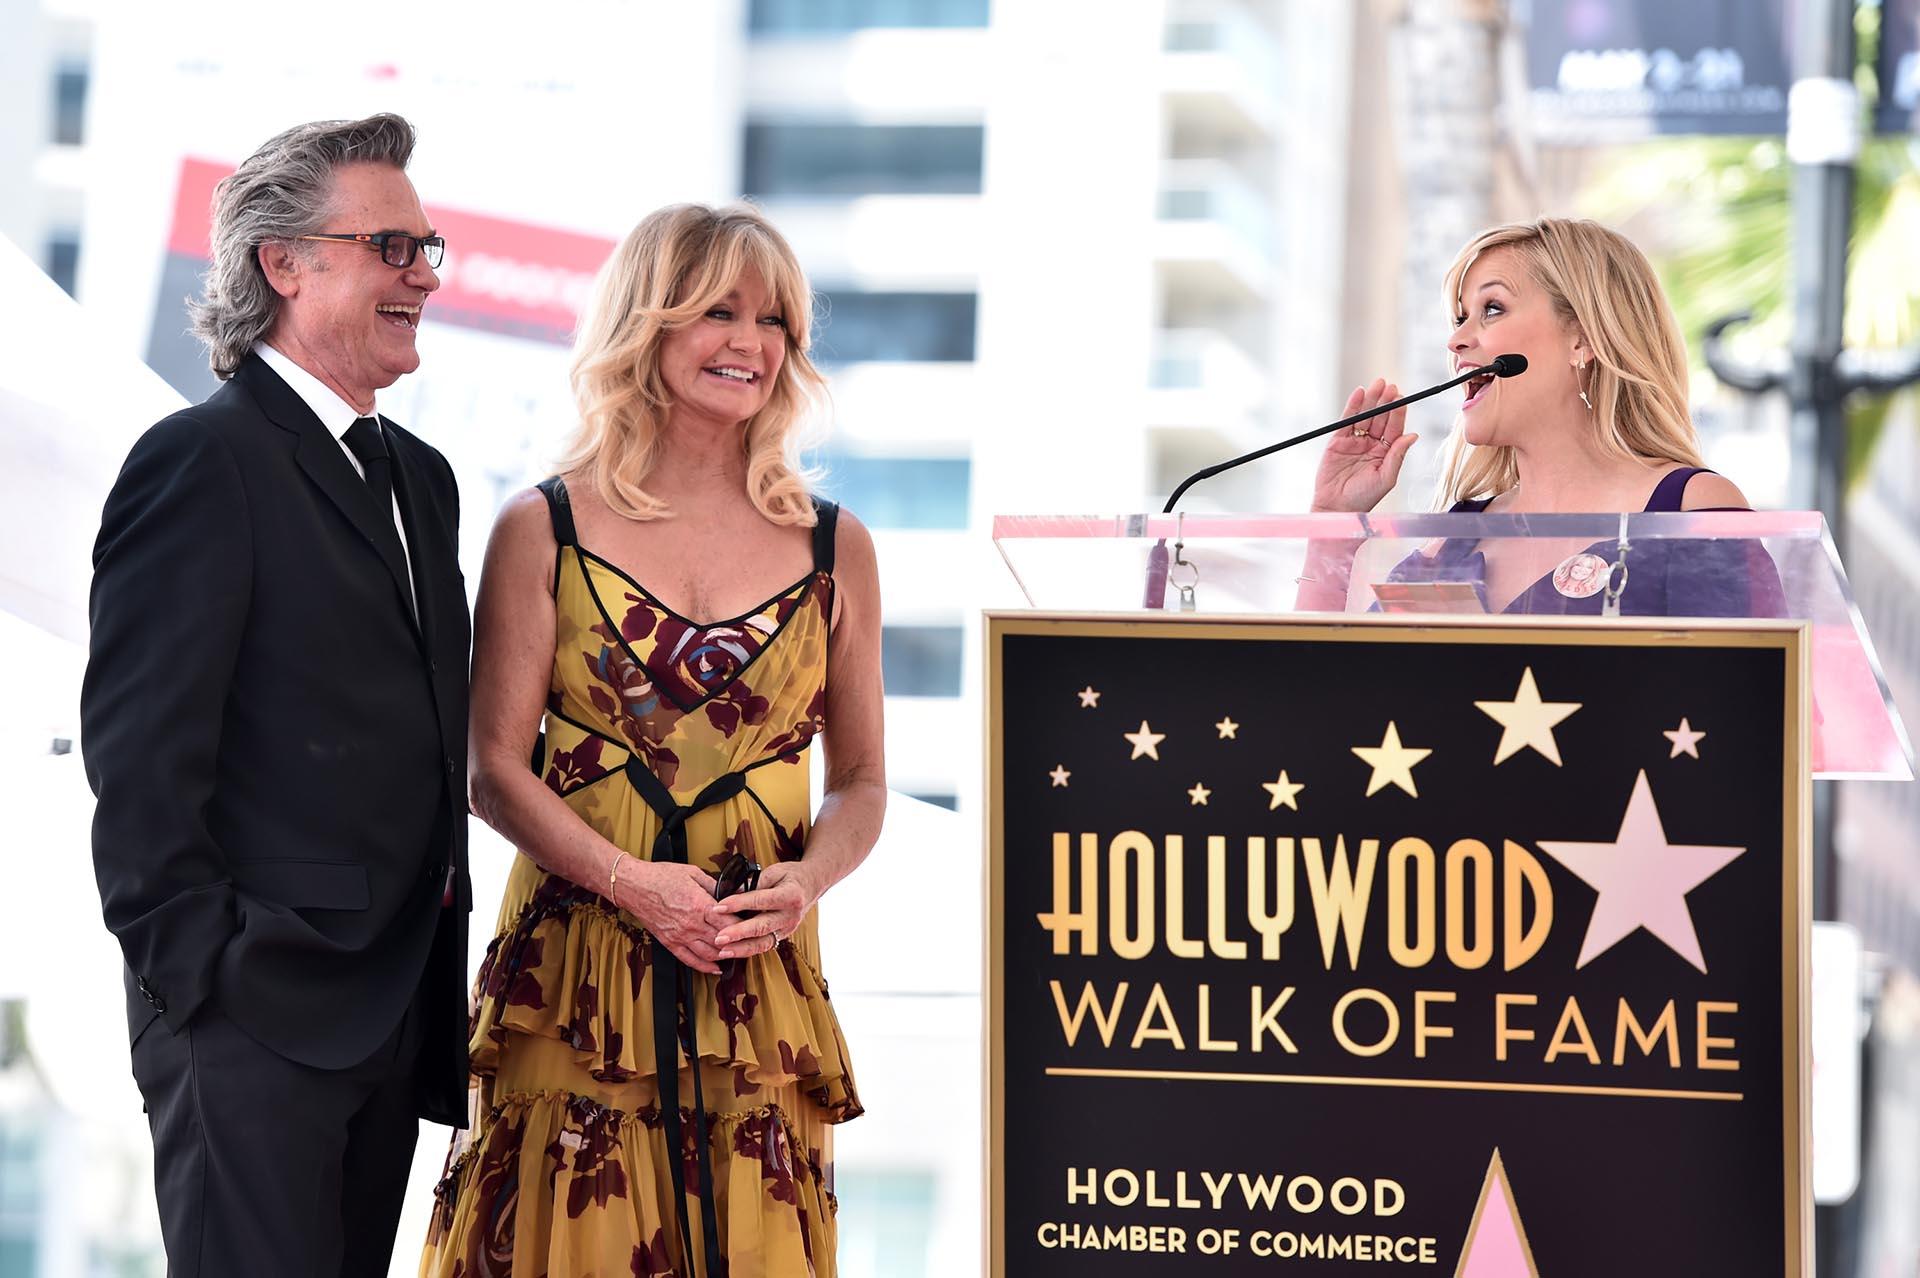 """Reese Witherspoon emocionó a ambos actores con sus cálidas palabras y arribó con un cartel que decía """"I love you Goldie"""". """"Ella transformó las posibilidades de lo que las mujeres pueden hacer en el cine"""", expresó Reese en referencia a la gran carrera de su amiga"""